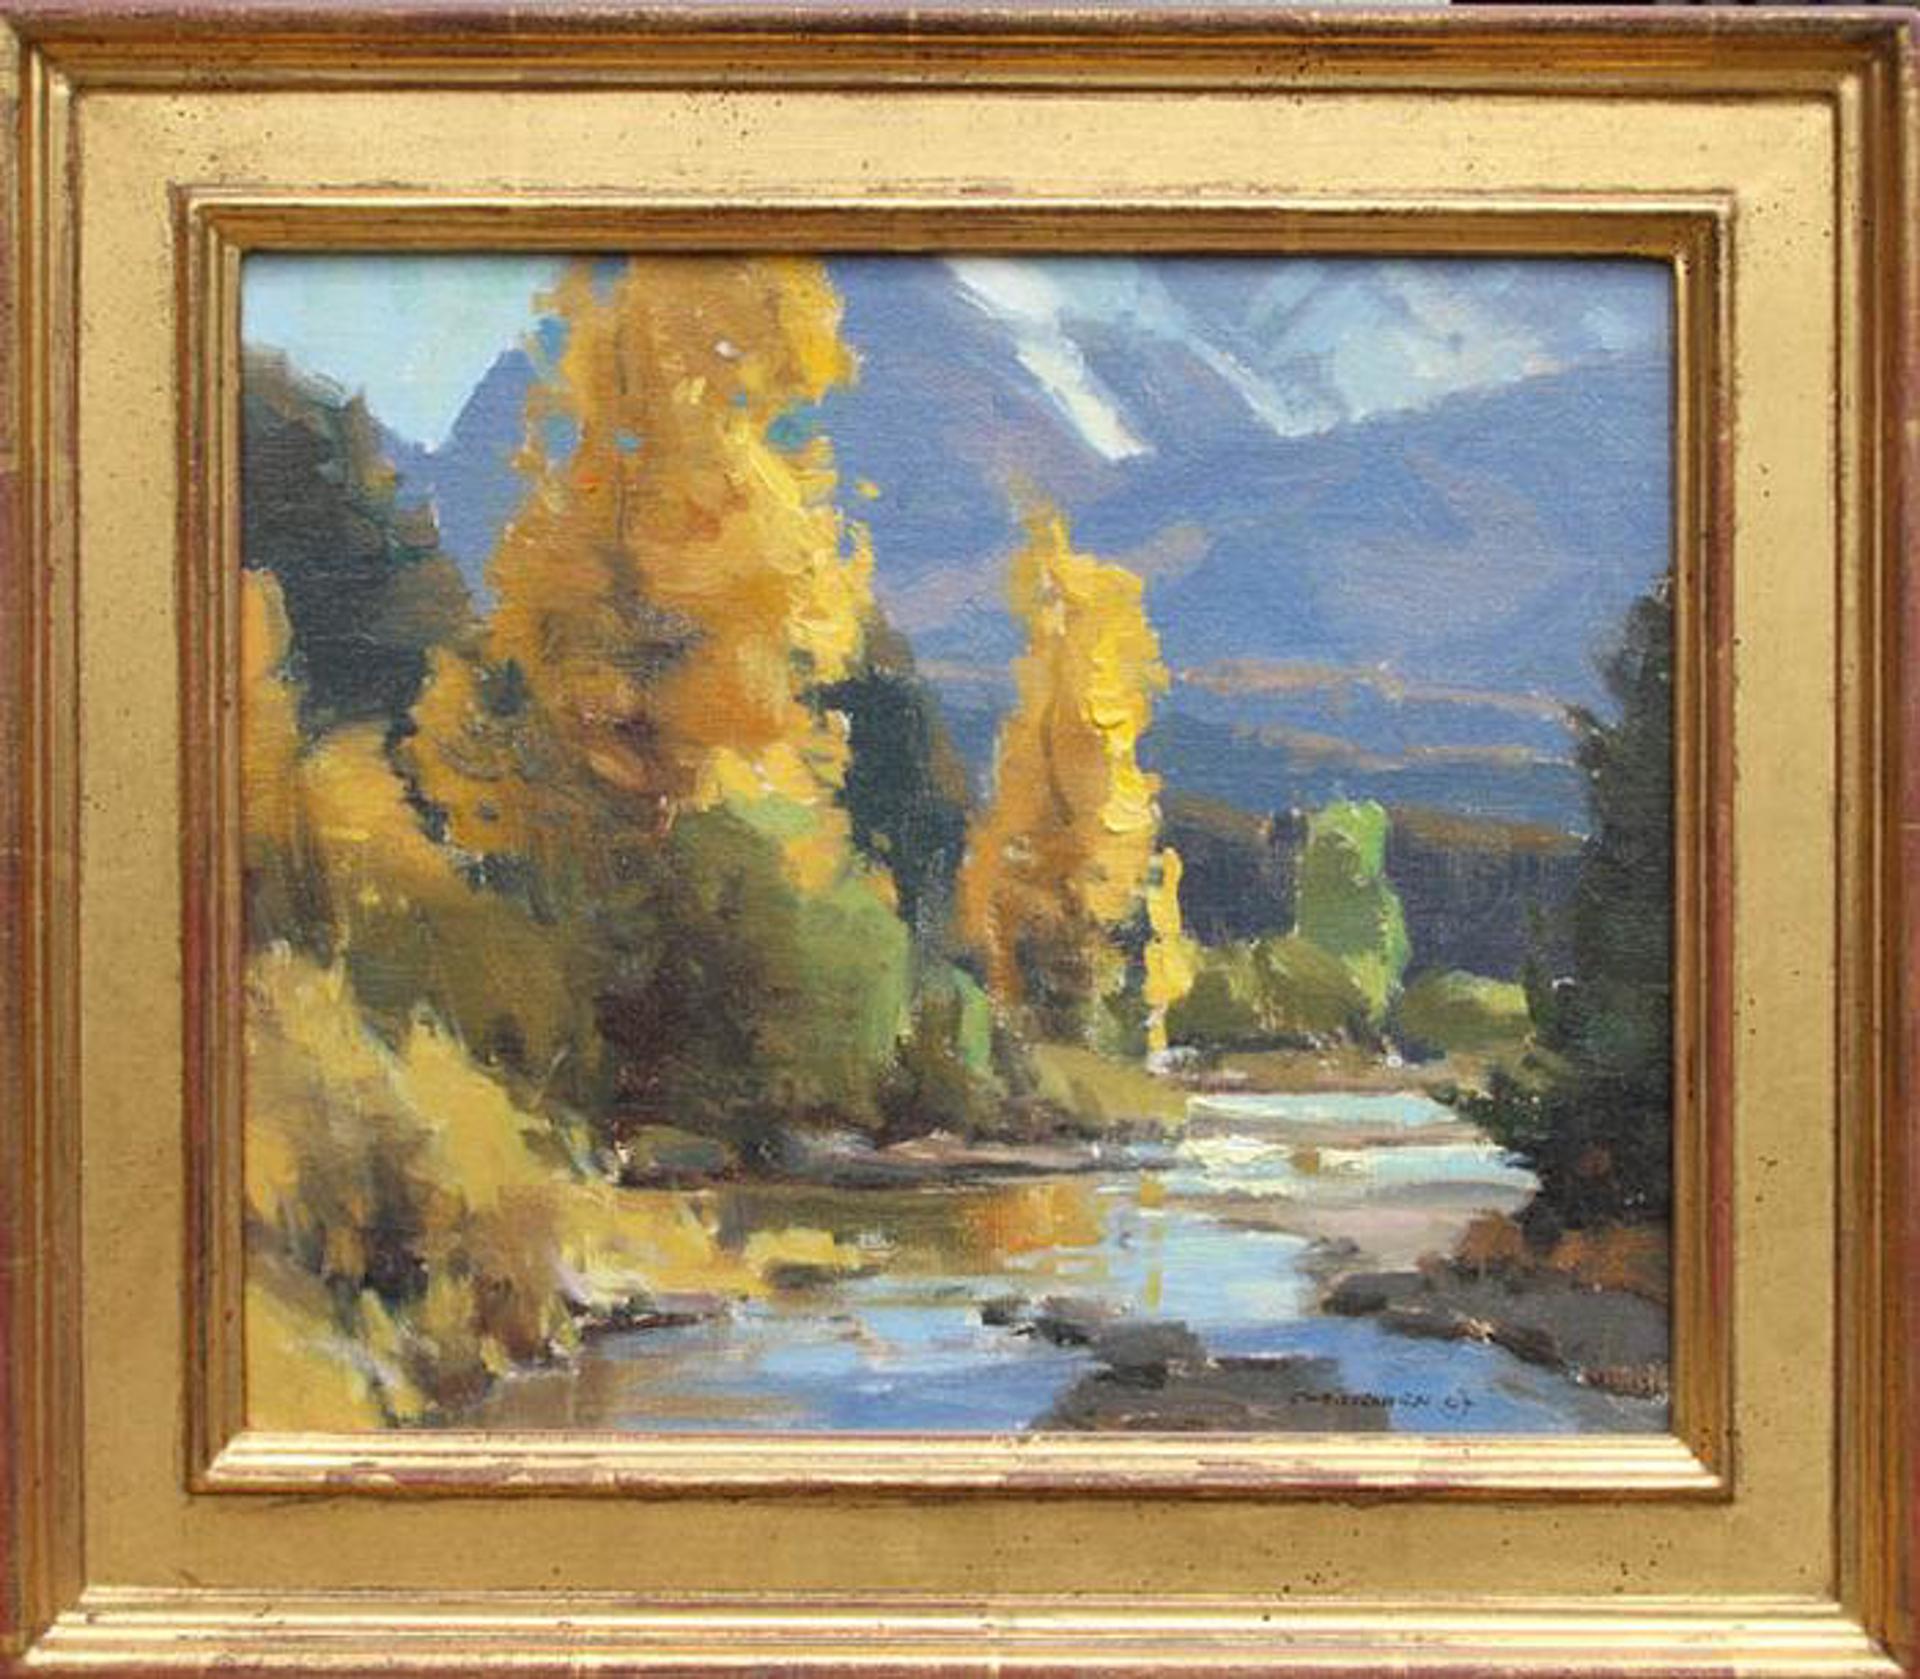 Snake River by Scott Christensen